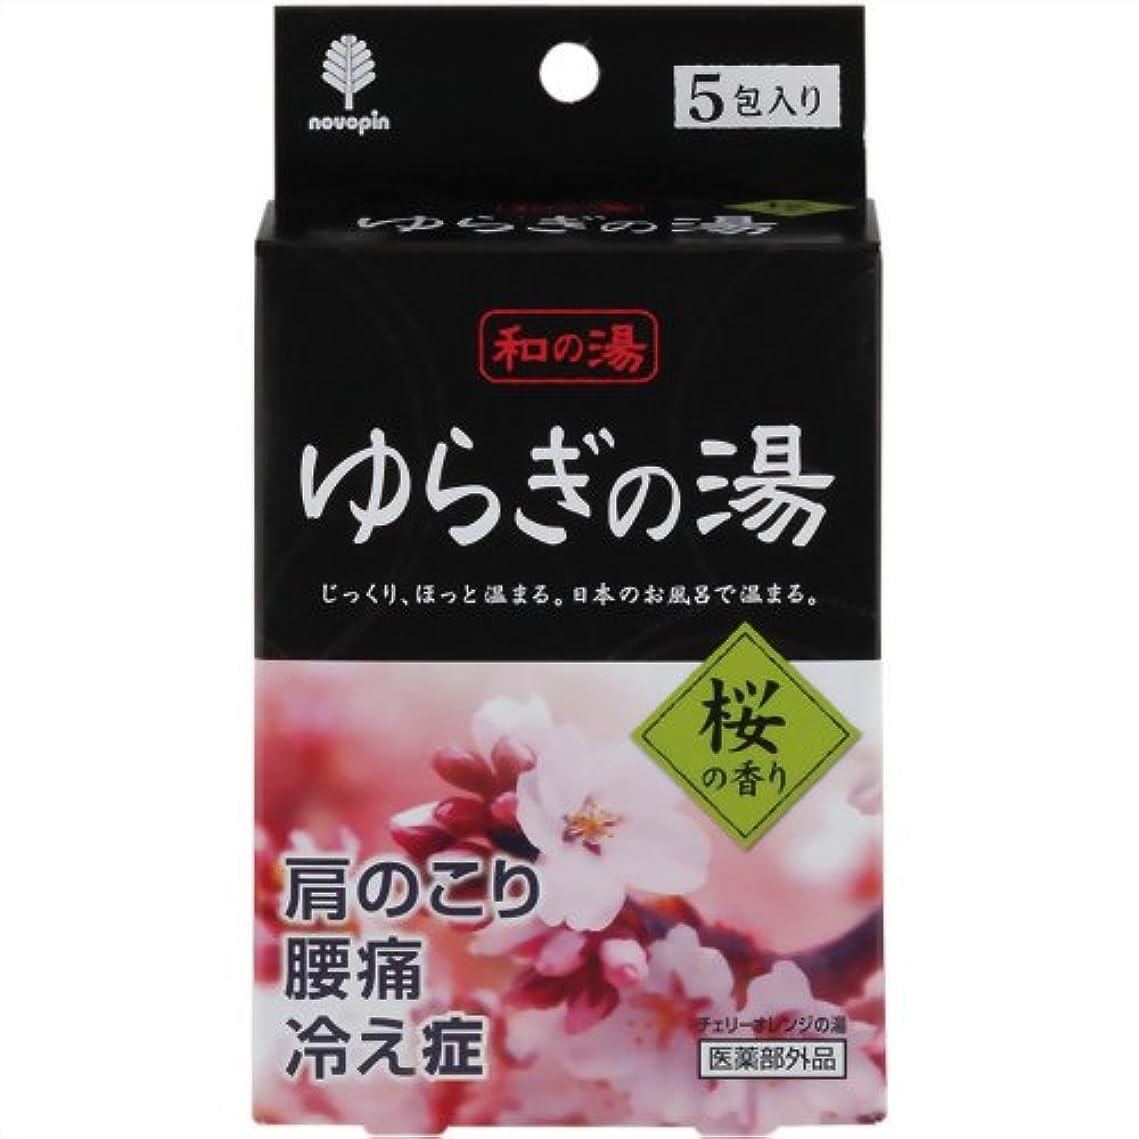 中傷代替反響する和の湯 ゆらぎの湯 桜の香り